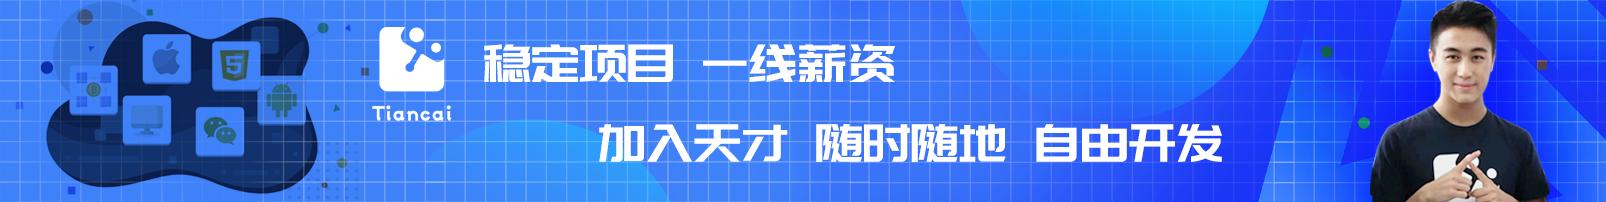 [远程][兼职][自由职业] 天才科技招募全球 React/Node/RN 开发者